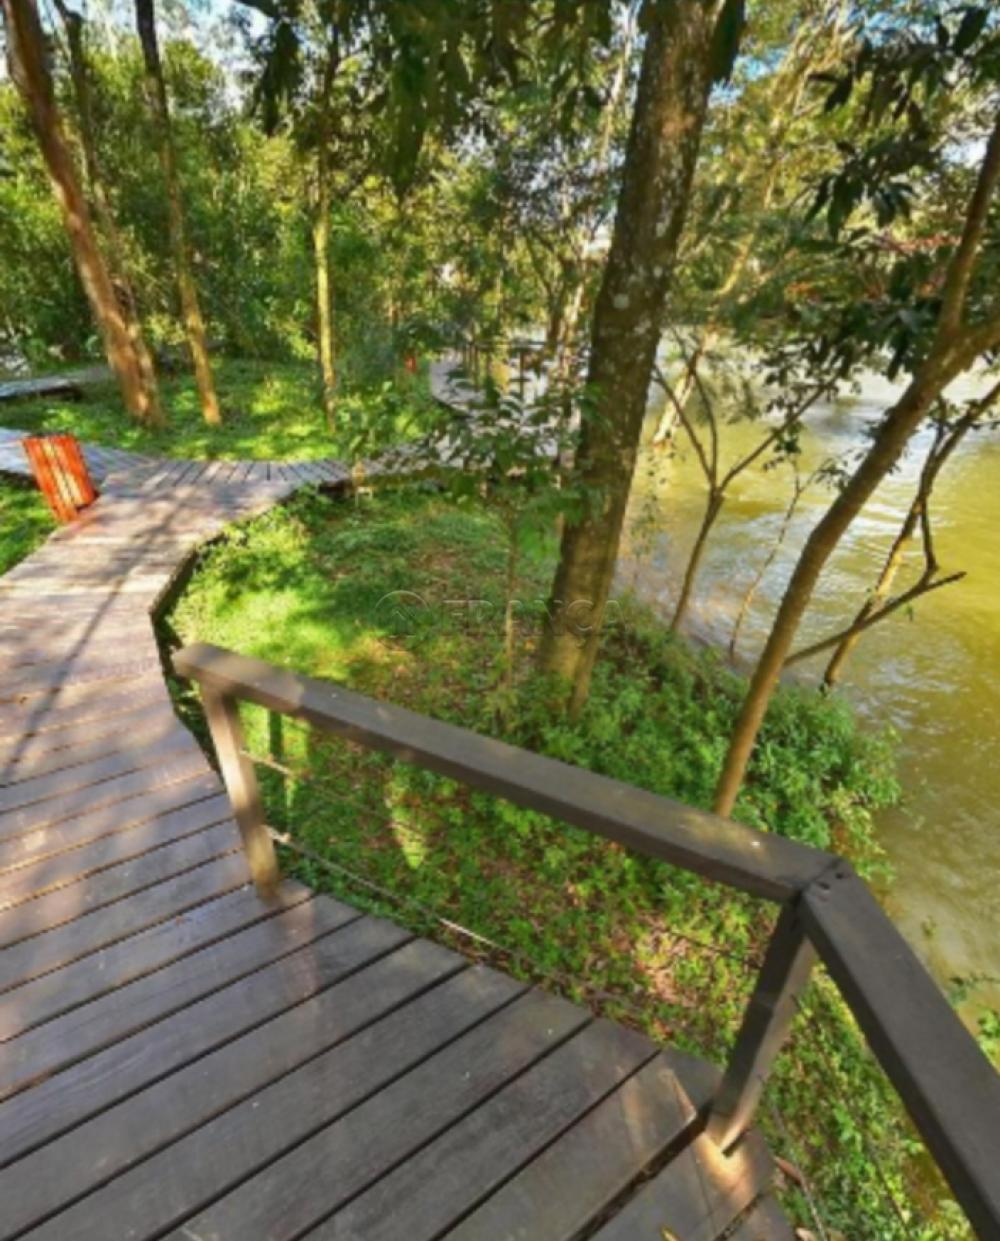 Comprar Terreno / Condomínio em Guararema apenas R$ 186.537,12 - Foto 36